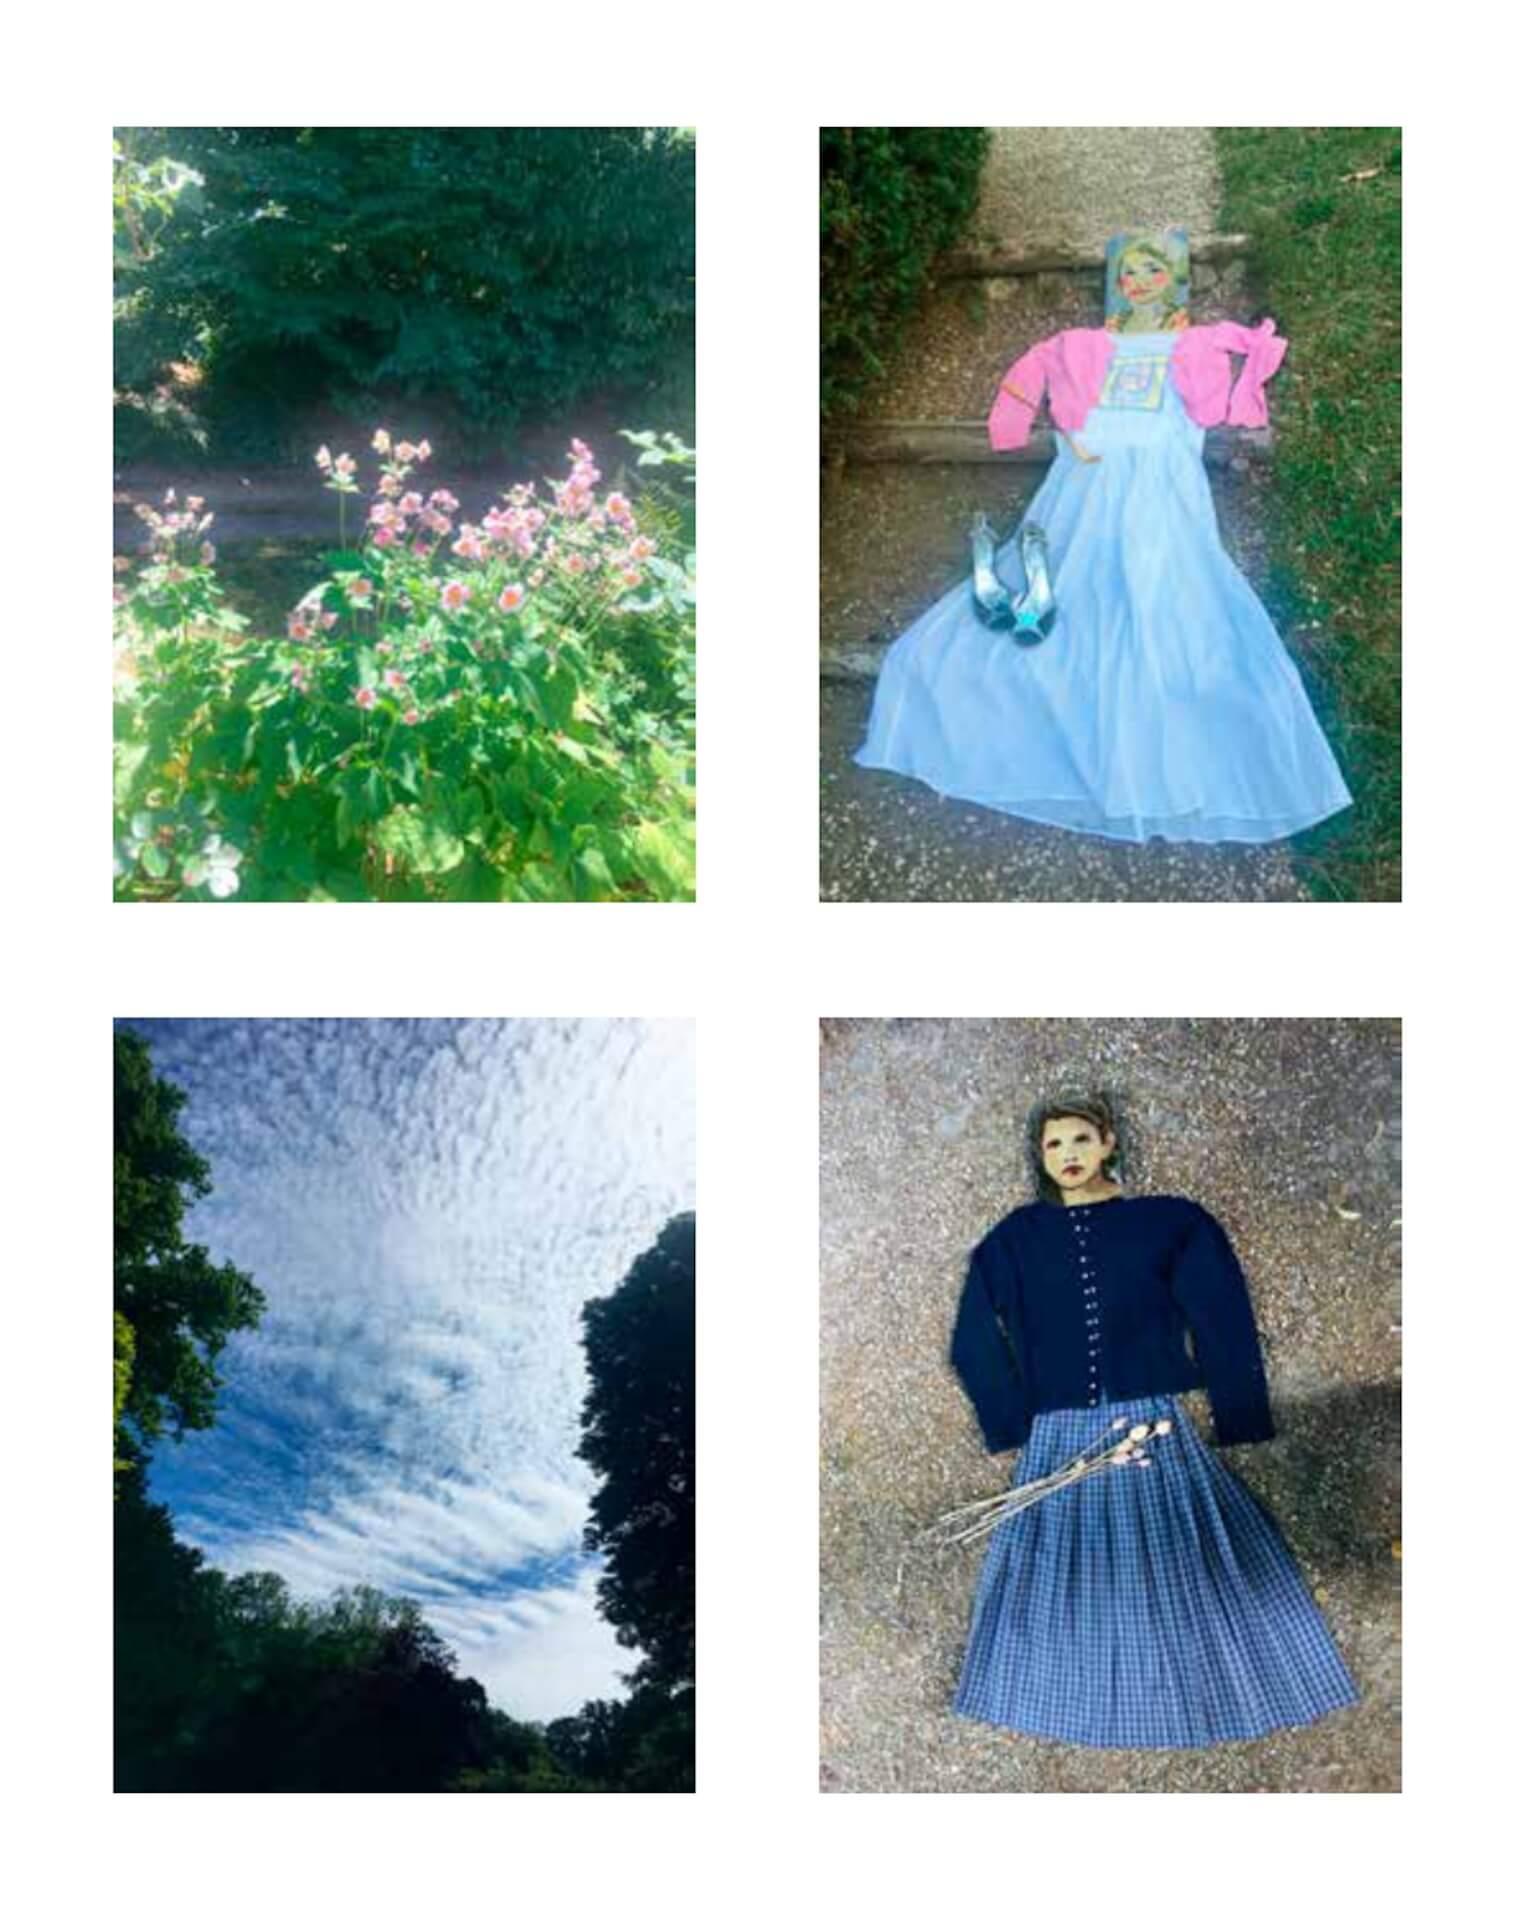 アニエスベーが撮り下ろした写真個展を<KYOTOGRAPHIE 2021>にて国内初公開! art210916_agnes_b_02